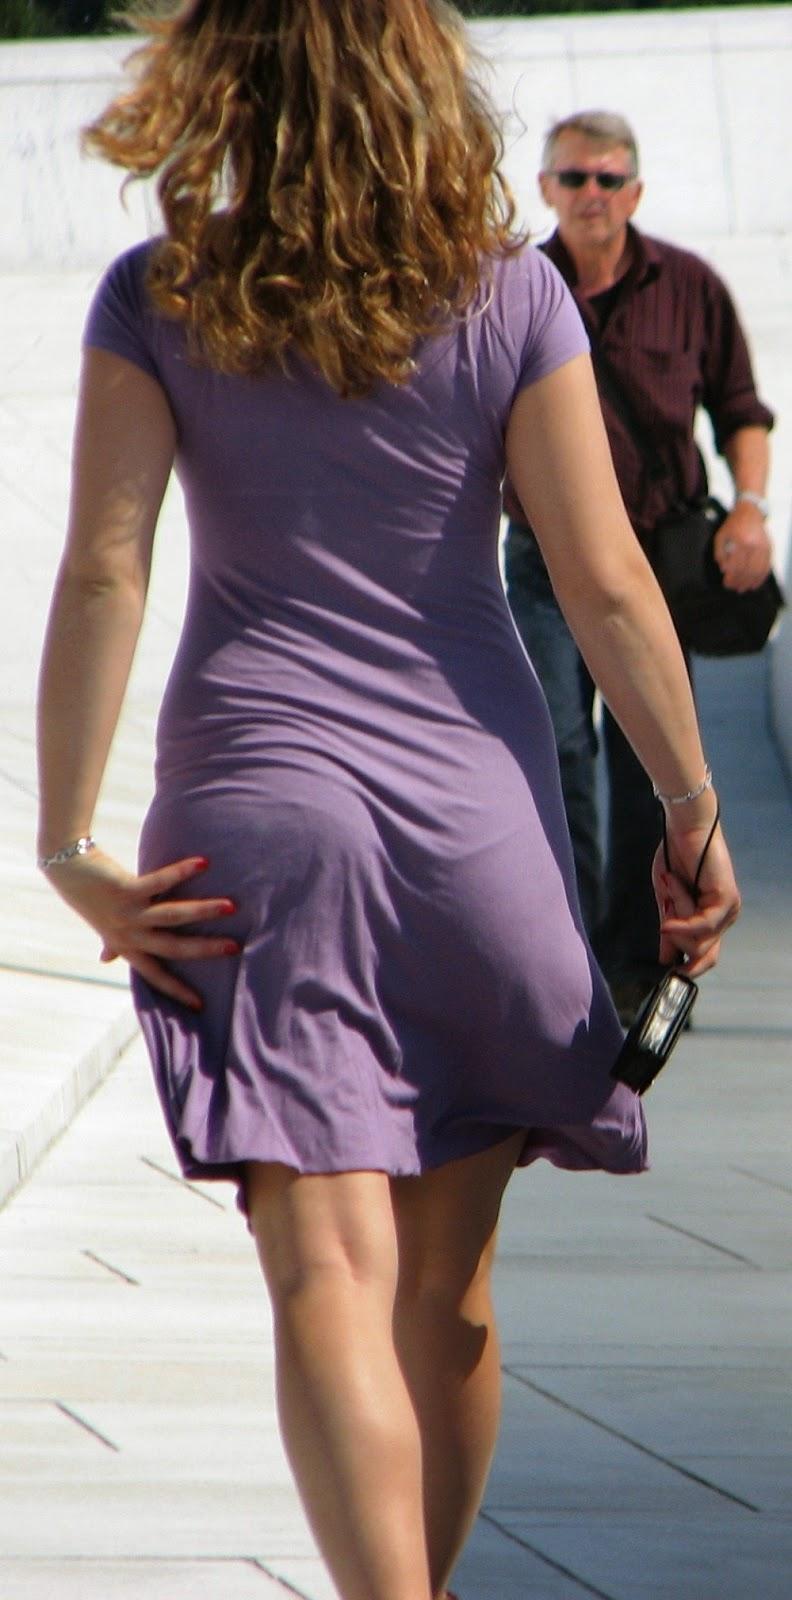 Mujeres bonitas en vestidos pegados marcando ropa interior for Chicas guapas en ropa interior